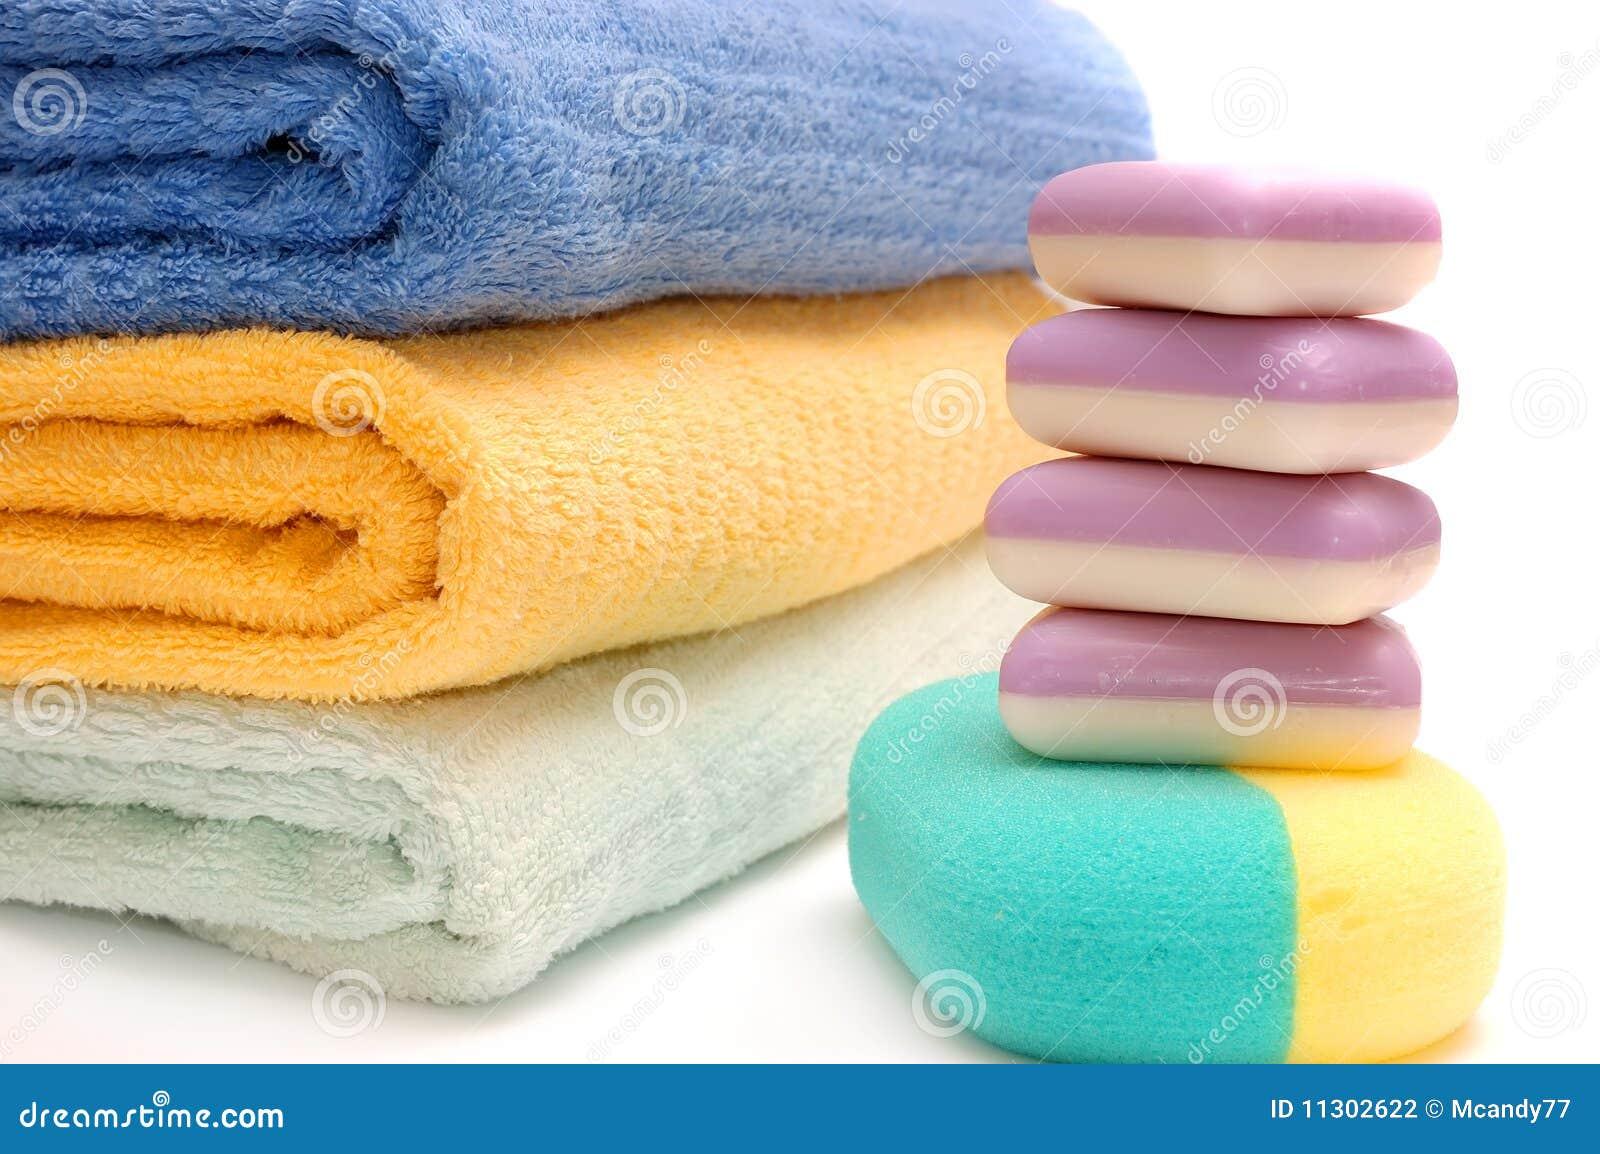 Zubehör zum Waschen auf dem Weiß